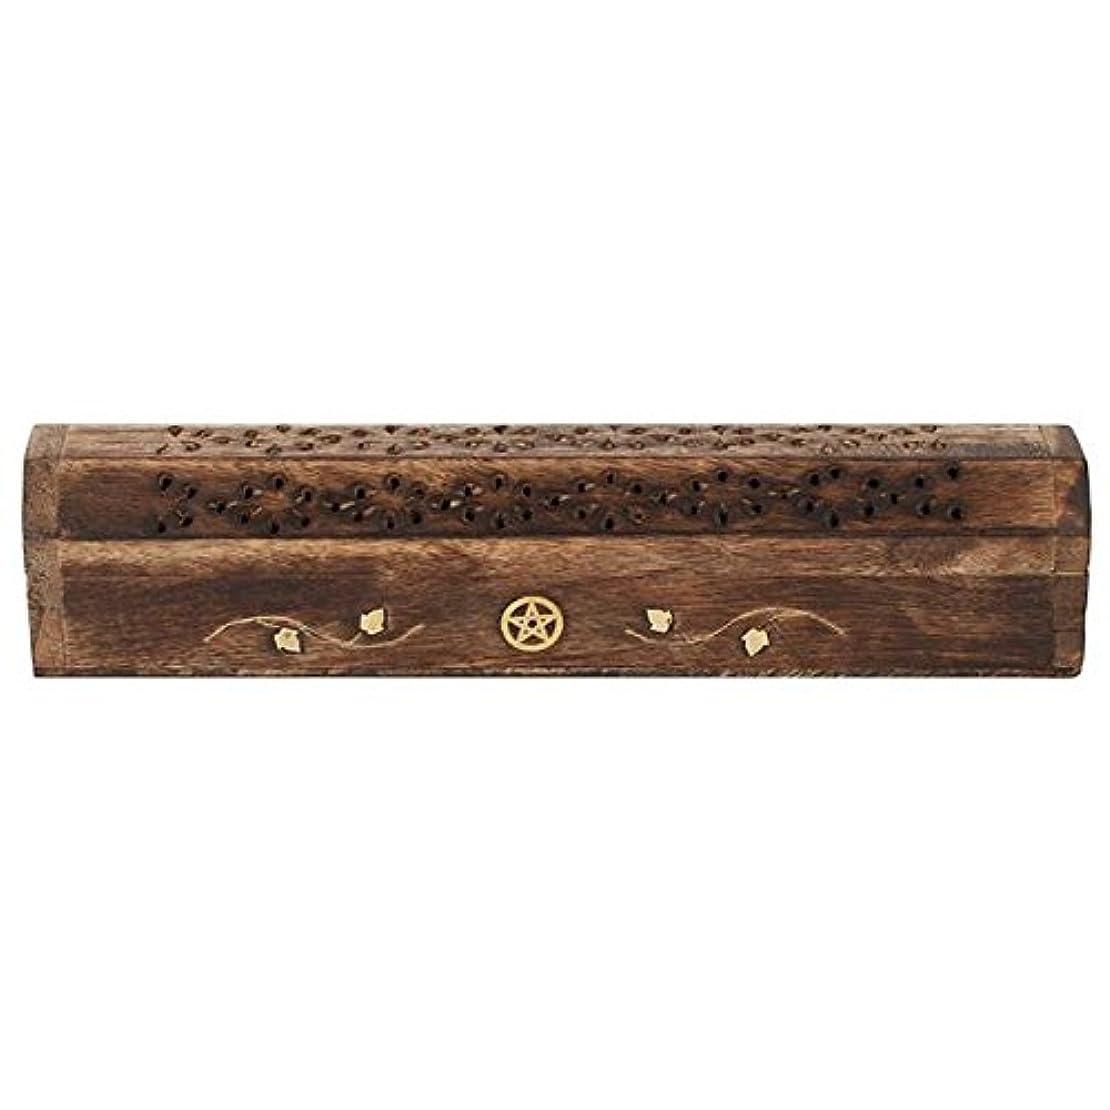 概して破壊的な故国Mangowood Incense Box with Brass Pentagram Inlay